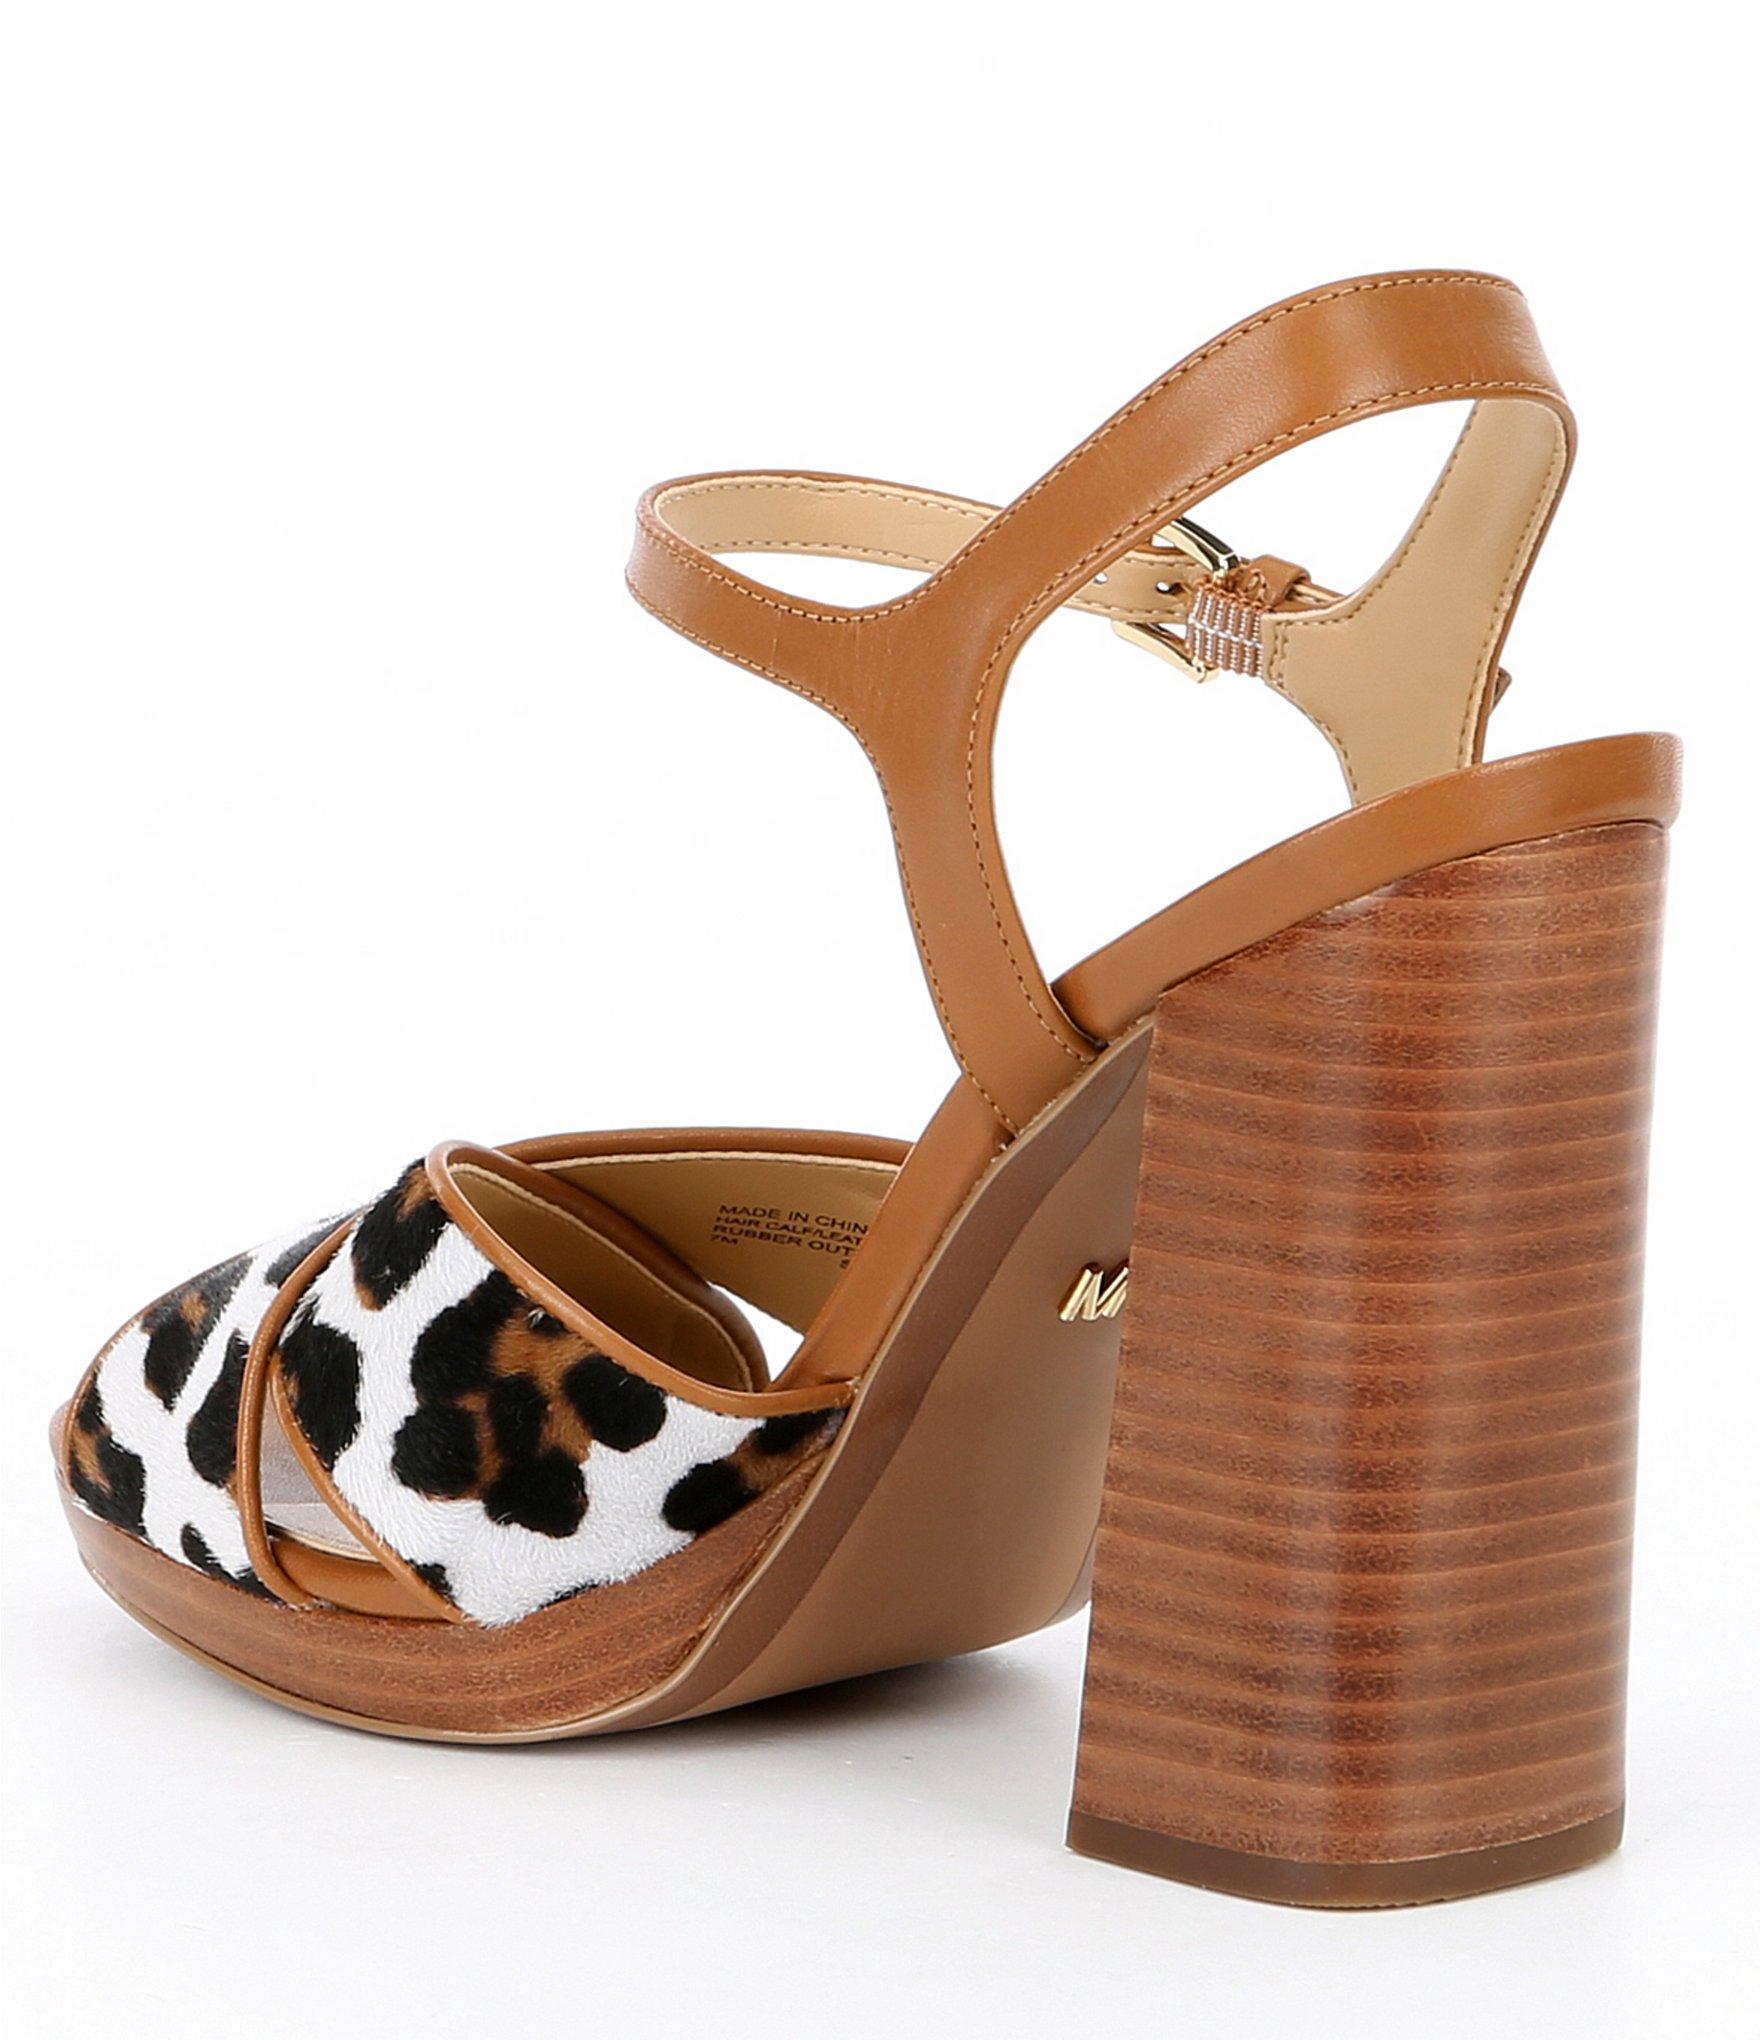 74e3ea90378b MICHAEL Michael Kors - Brown Alexia Leopard Print Platform Block Heel  Sandals - Lyst. View fullscreen